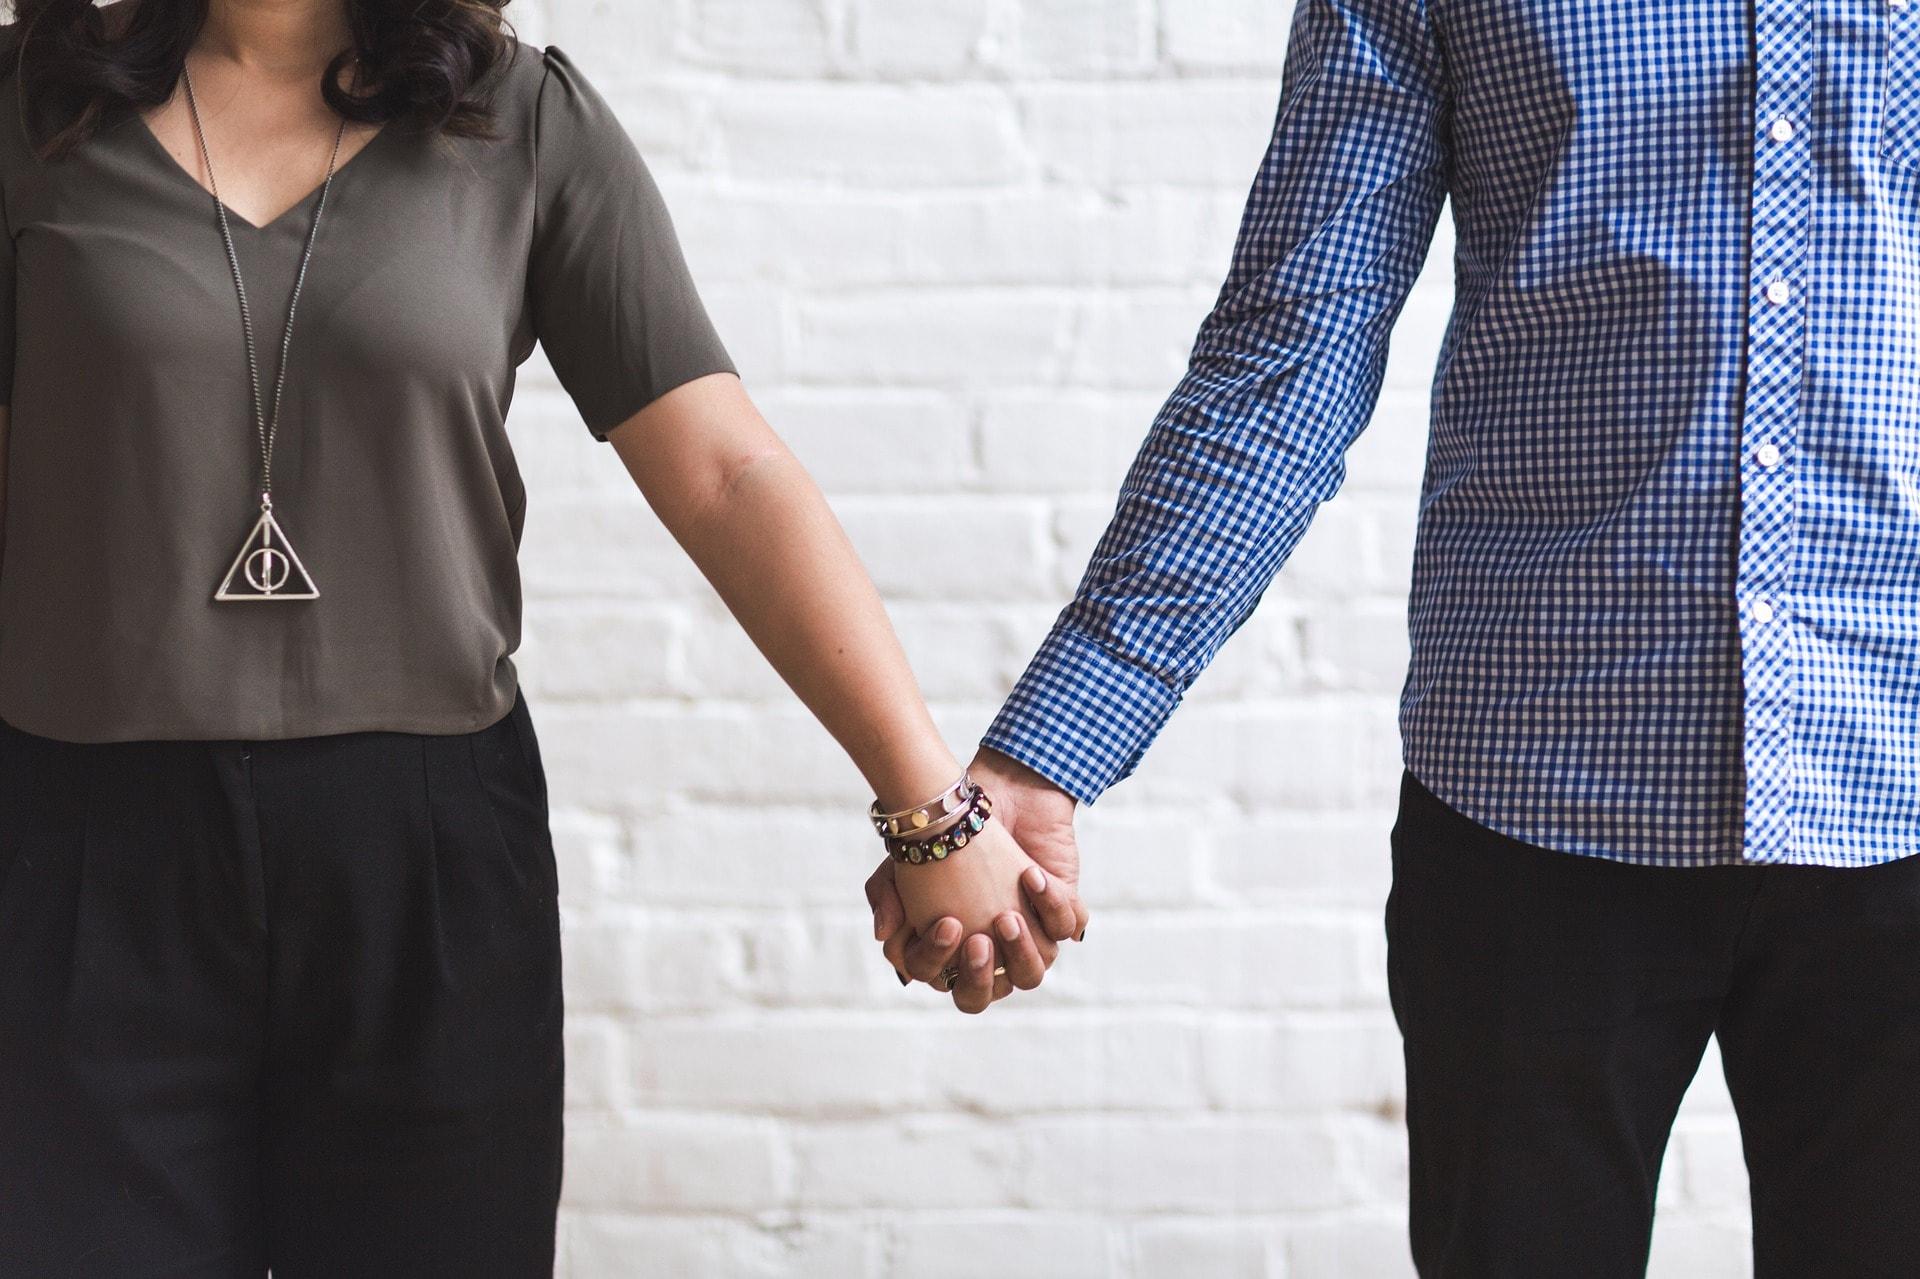 Crestine penticostale pentru casatorie matrimoniale Ii dezvirgineaza